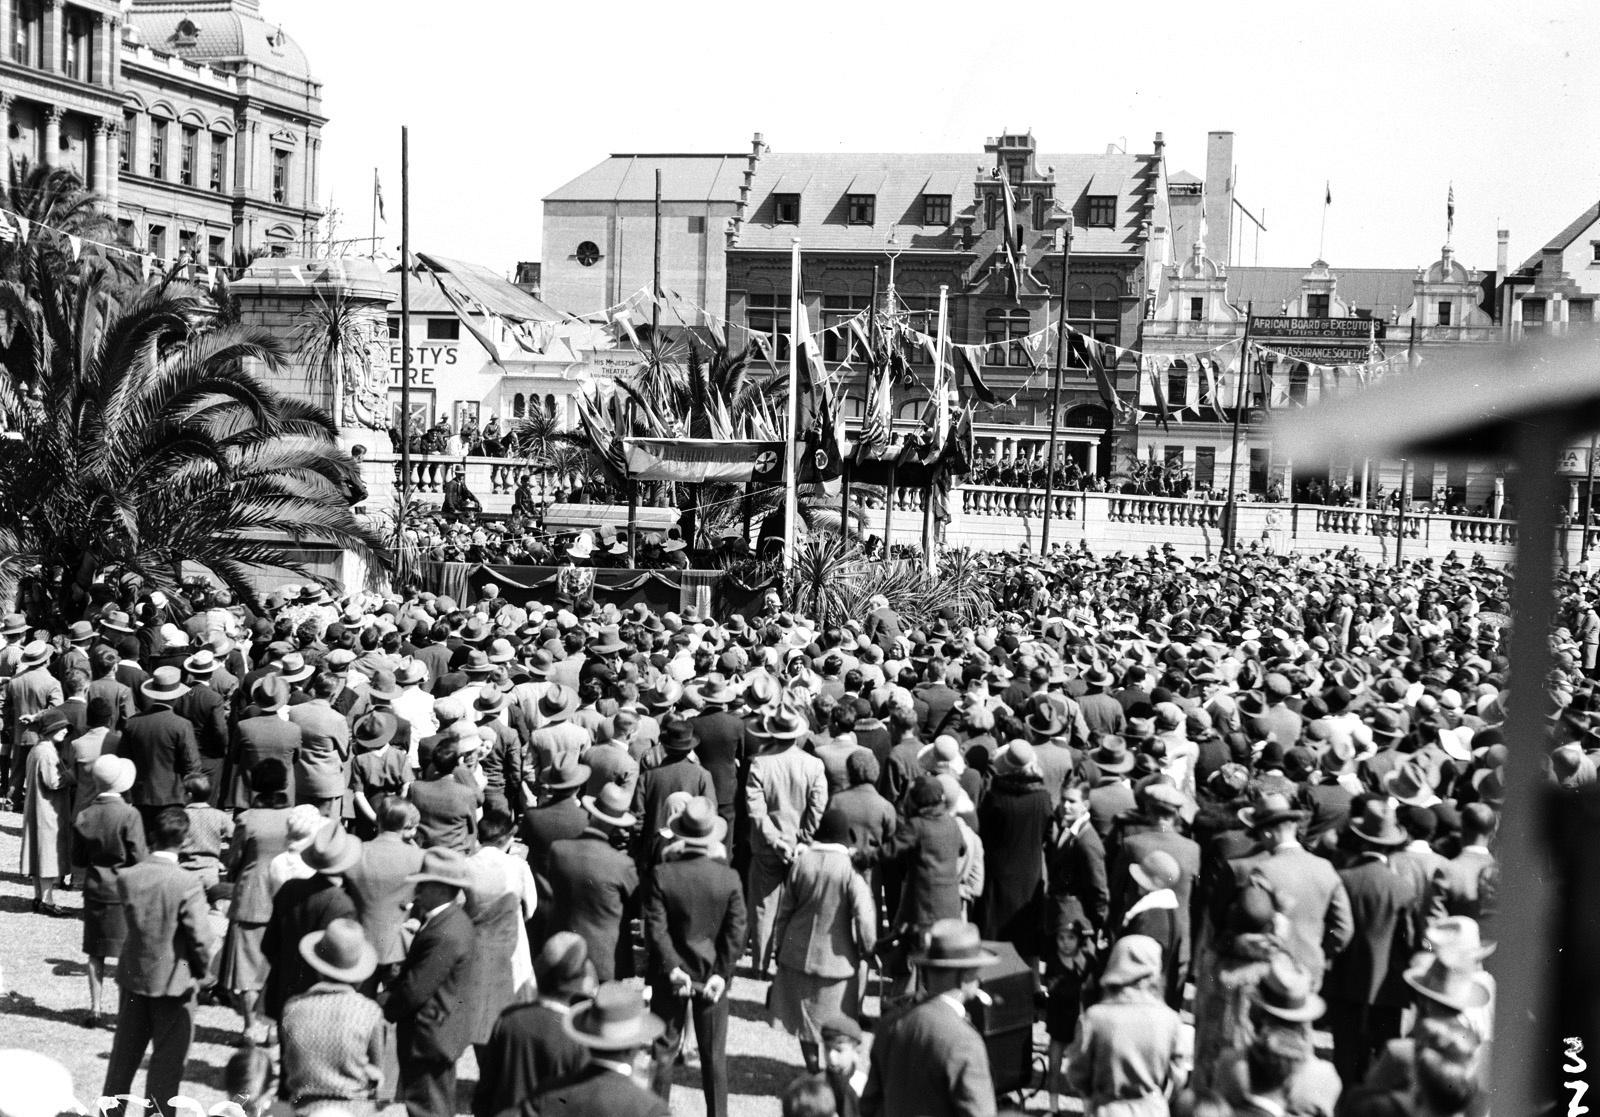 Южно-Африканский Союз. Претория. Толпа перед зданием парламента в ожидании выхода губернатора